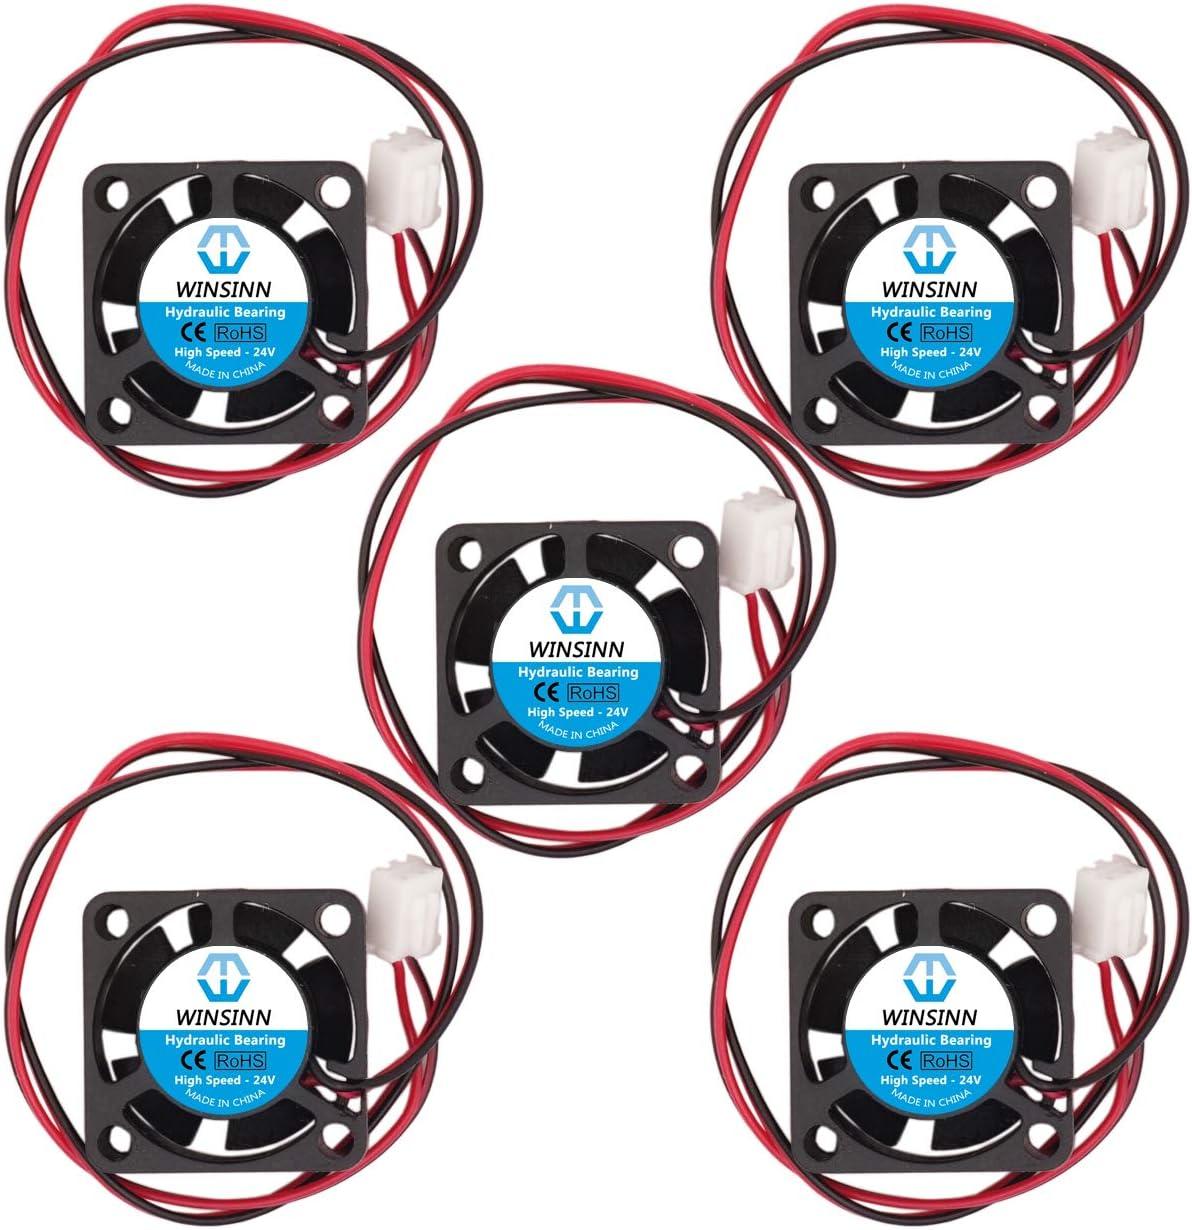 WINSINN Ventilador de 25 mm 24 V rodamientos hidráulicos sin escobillas 2510 25 x 10 mm para mini refrigeración PCB/notebook/tarjeta gráfica, alta velocidad (paquete de 5 unidades)